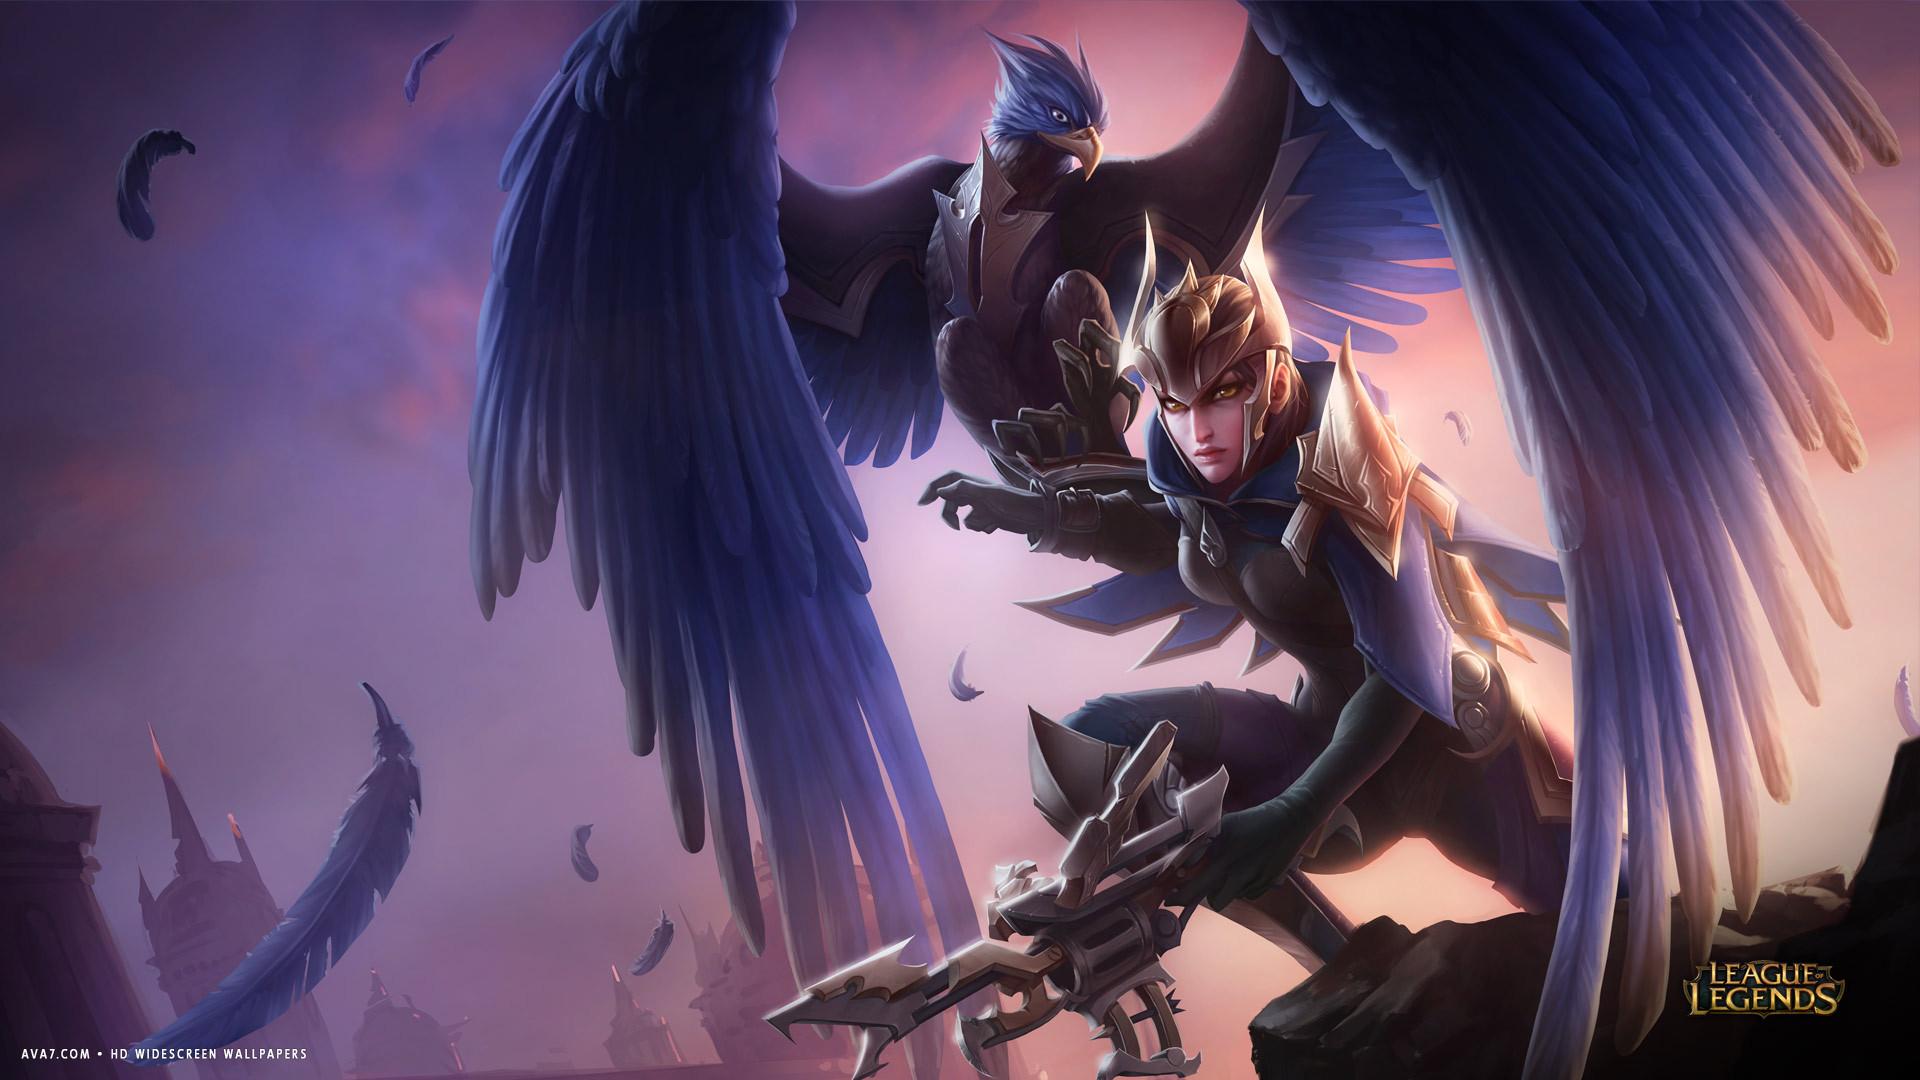 Cute Teemo Wallpaper League Of Legends Game Lol Quinn Valor Bird Hd Widescreen